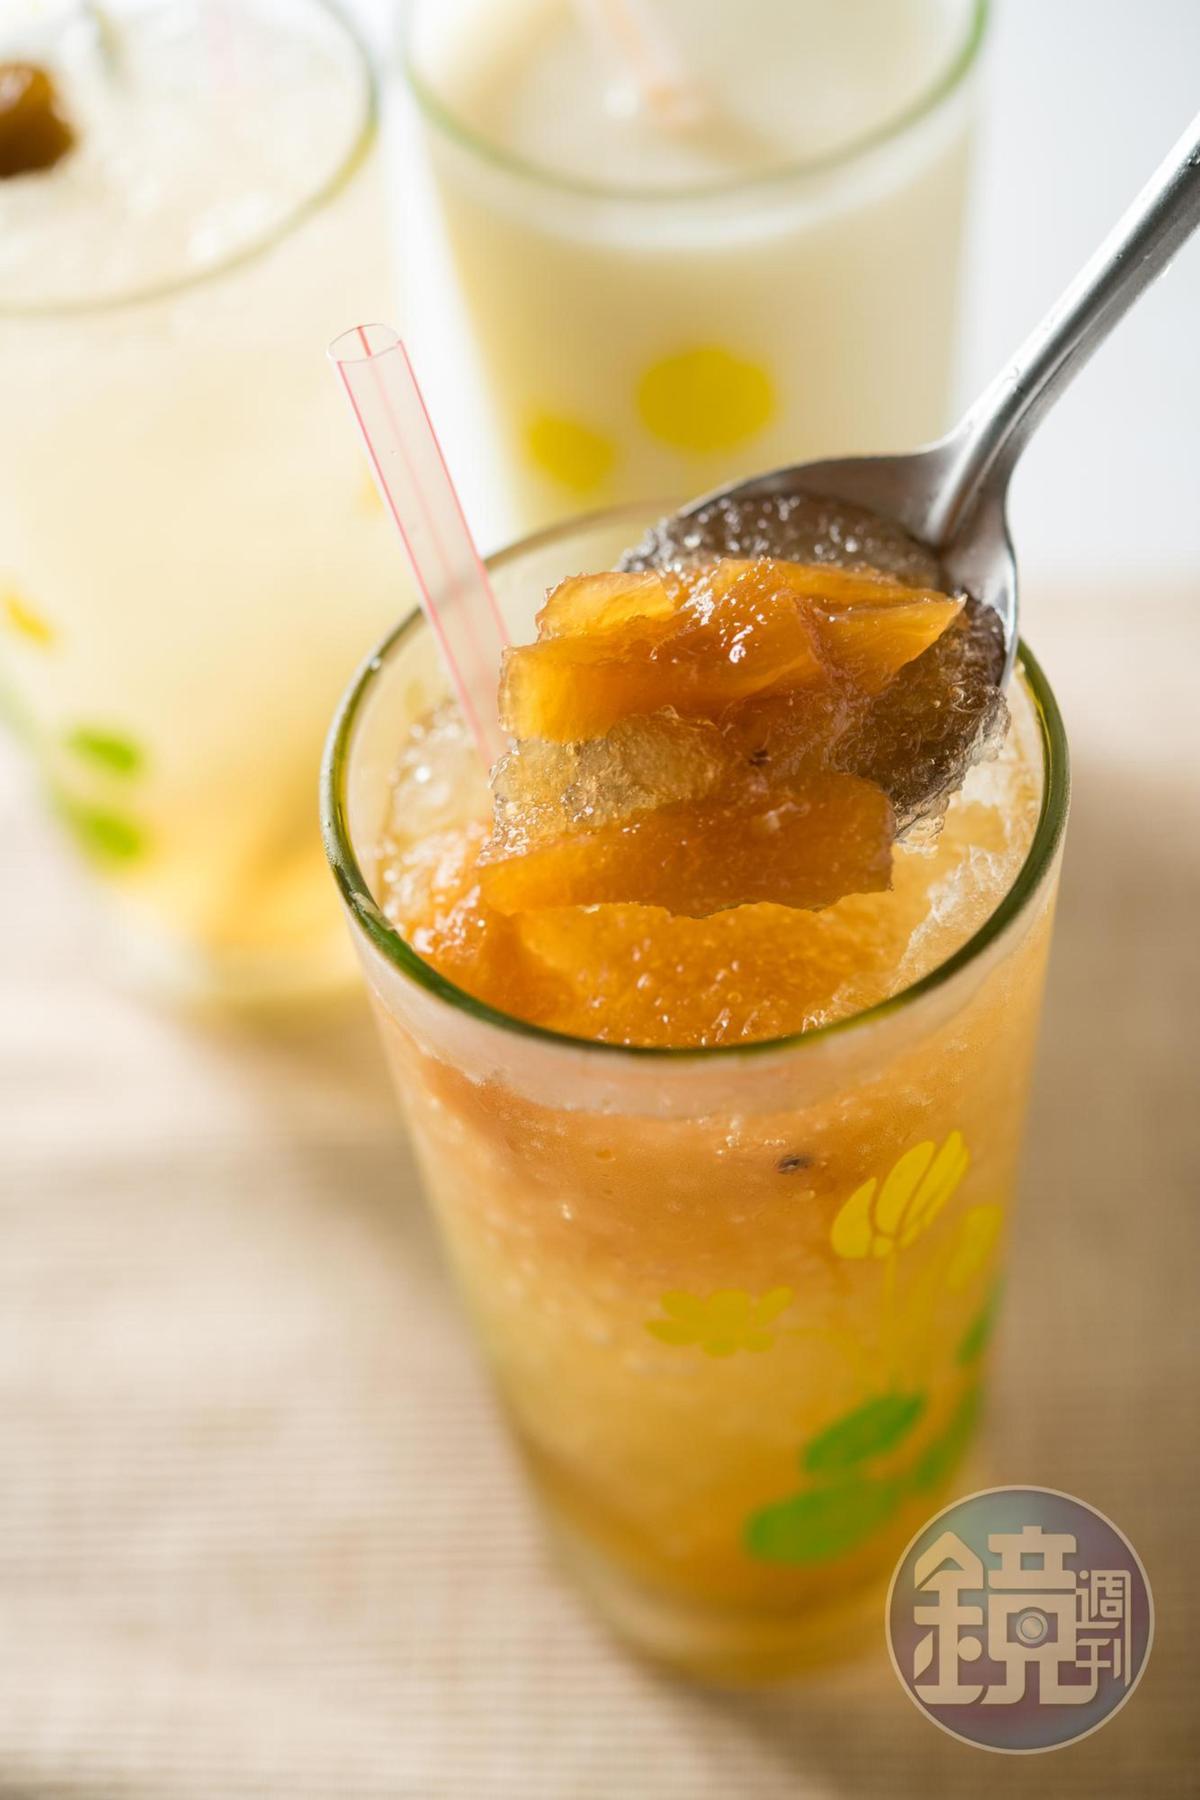 「鳳梨冰」上桌附湯匙,邊喝邊挖杯底的蜜鳳梨吃,口感不無聊。(35元/大杯)